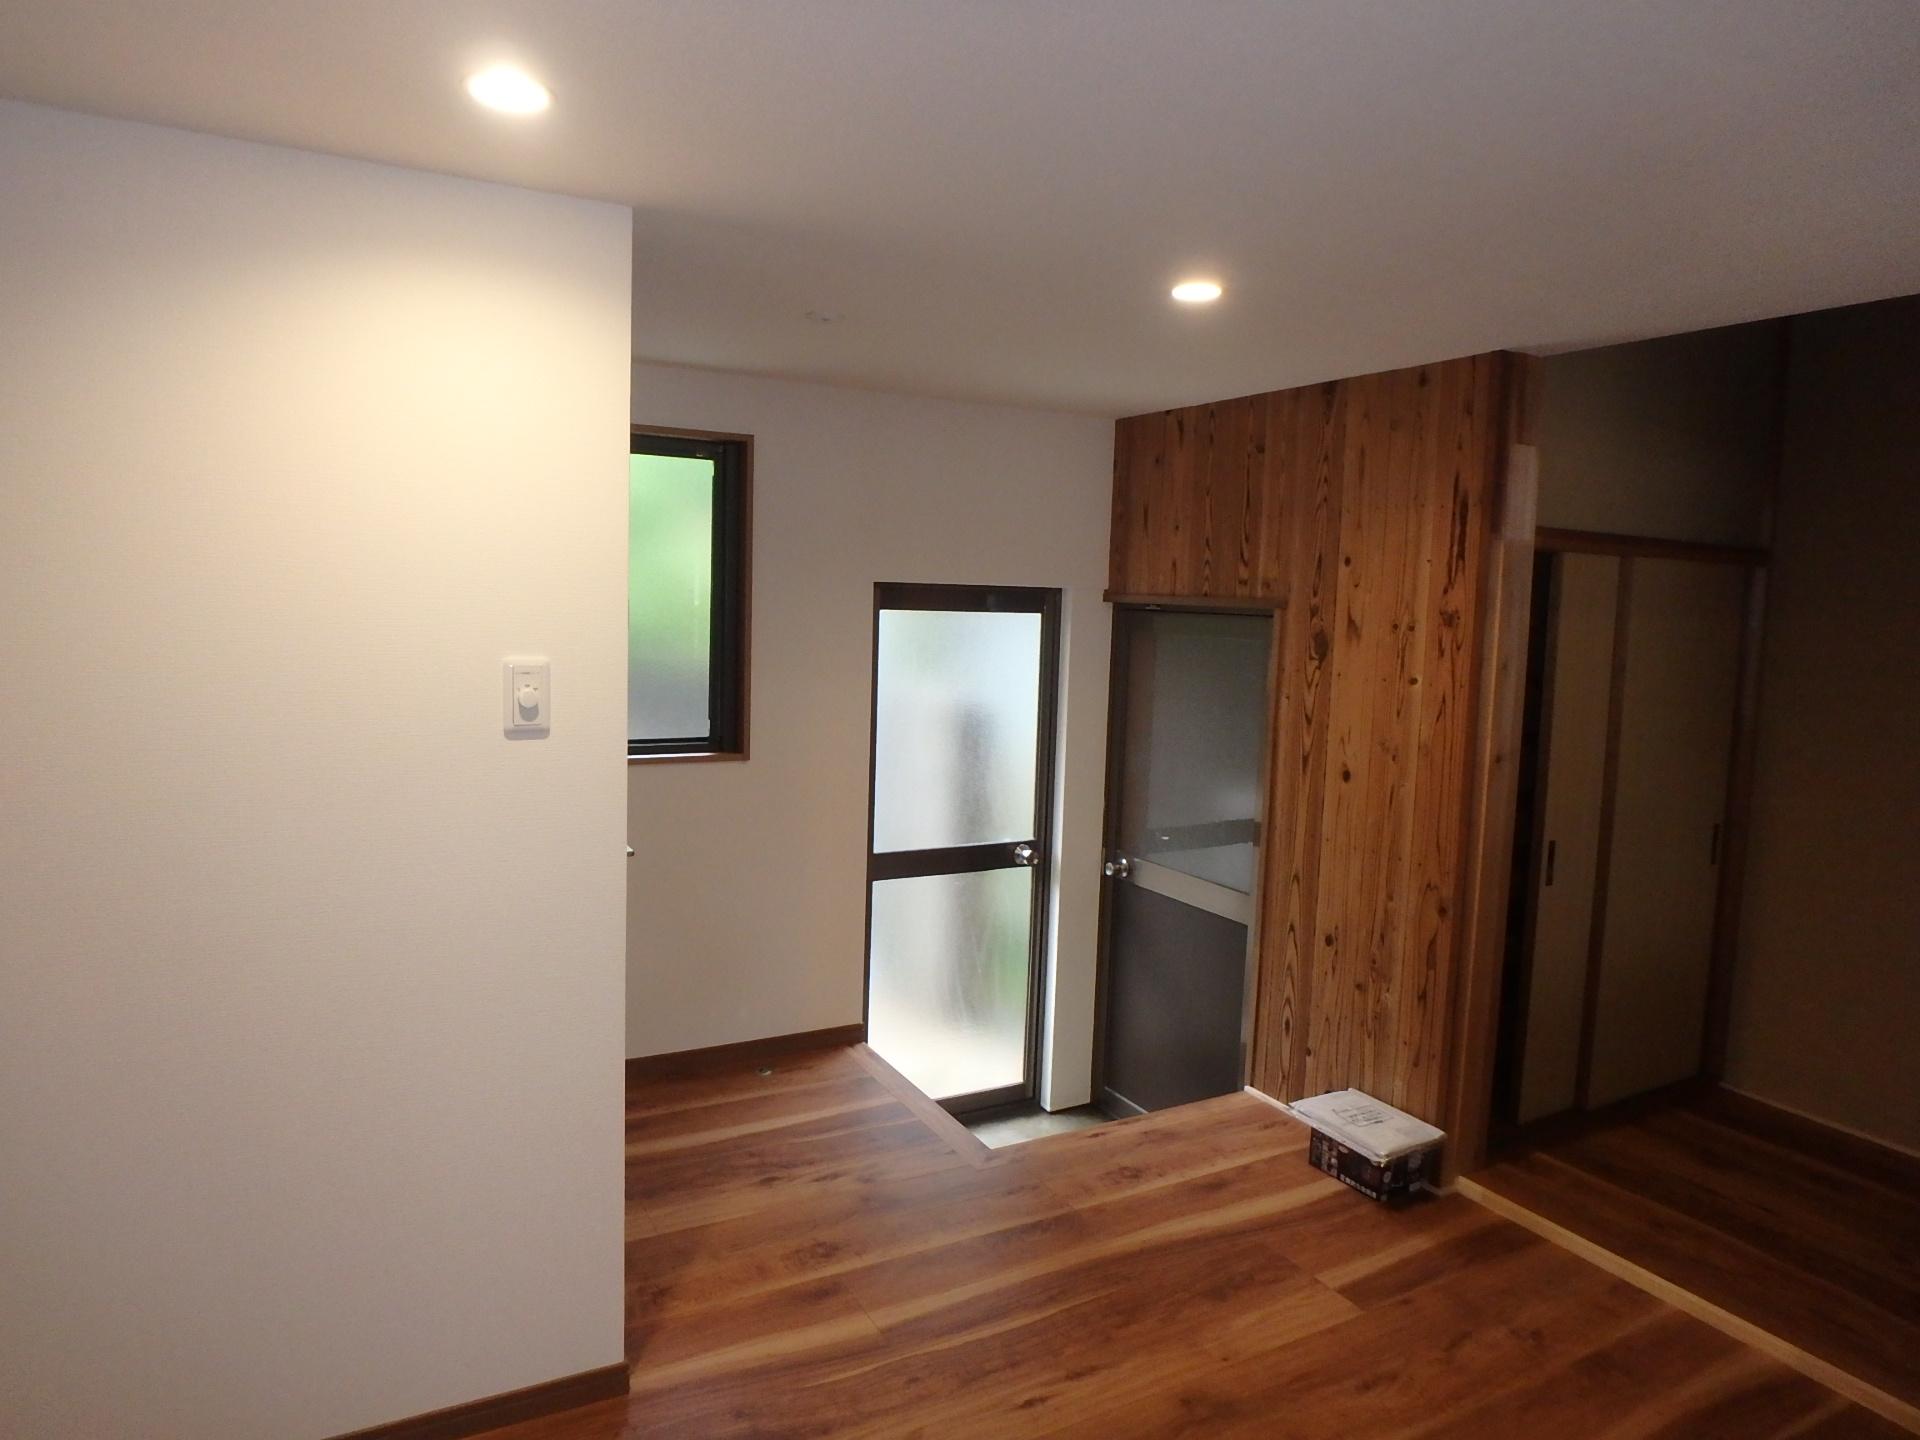 完成 床を張って、防犯対策、明るい廊下にしましょう!